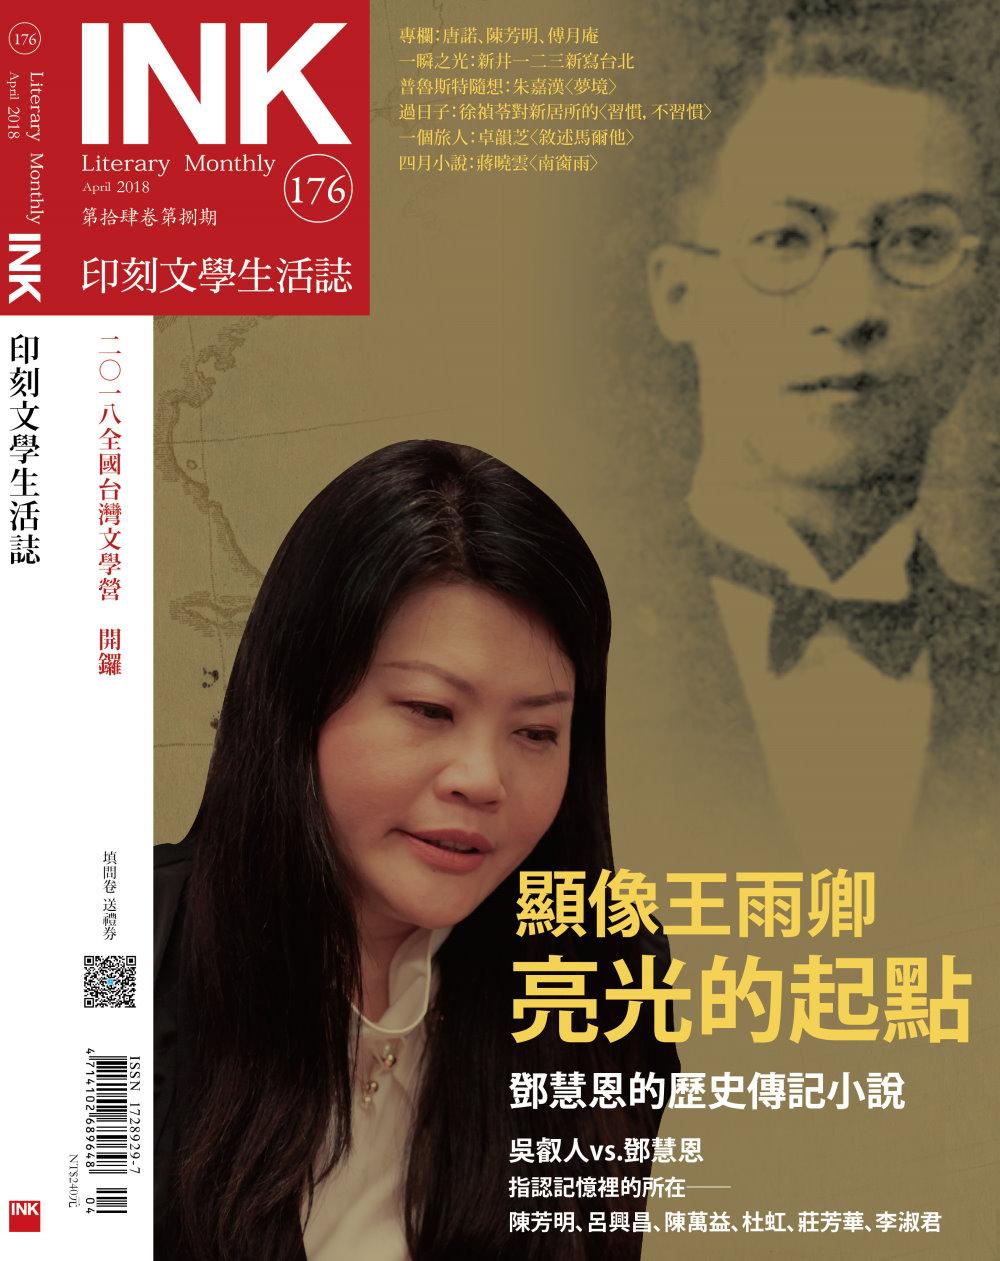 印刻文學生活誌 4月號/2018 第176期